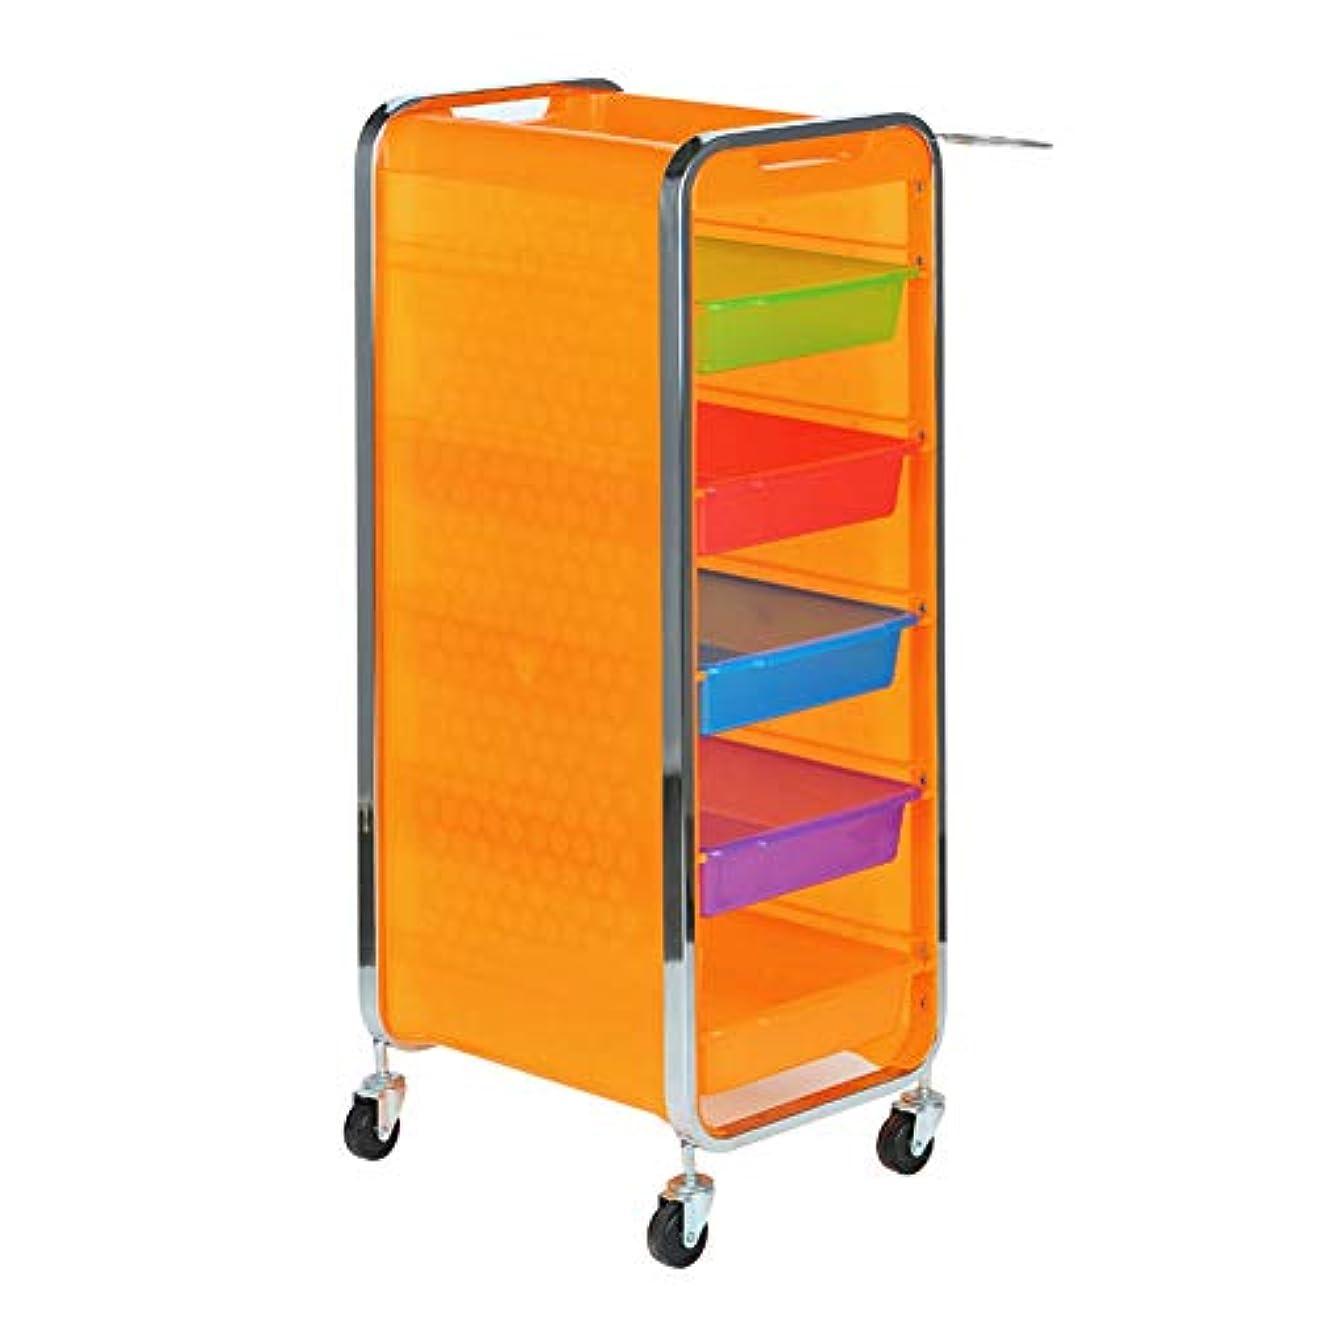 関係ないリビングルームアルバニーサロン美容院トロリー美容美容収納カート6層トレイ多機能引き出し虹色,Orange,B